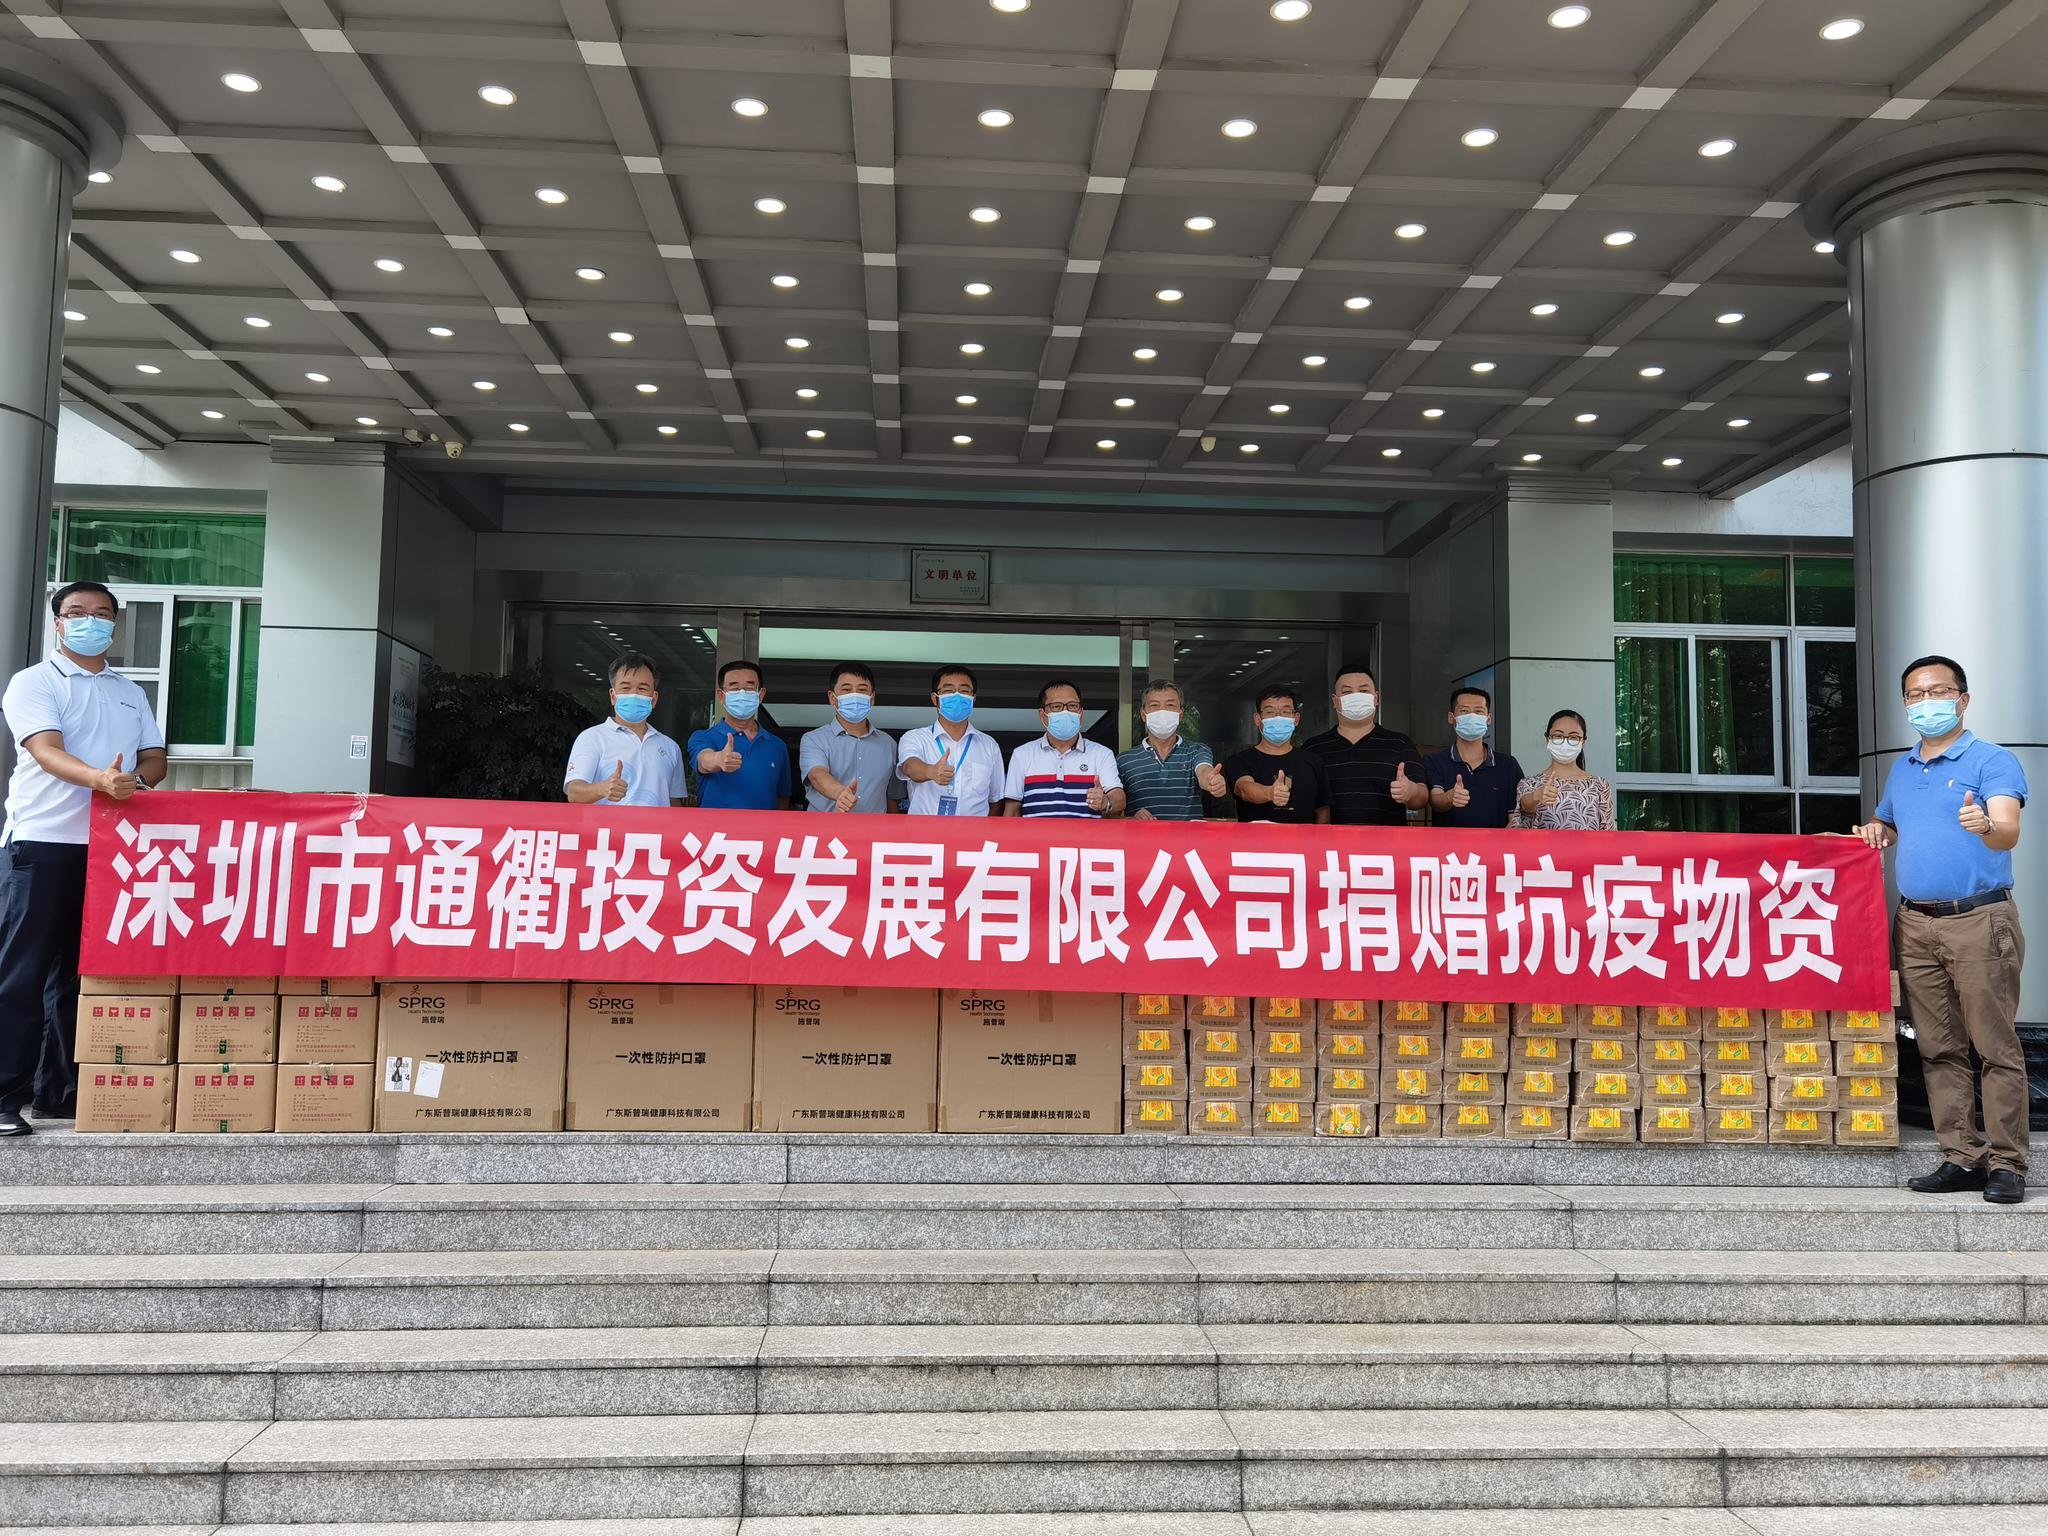 市政协委员周文清携爱心企业向盐田街道捐赠防疫及生活物资